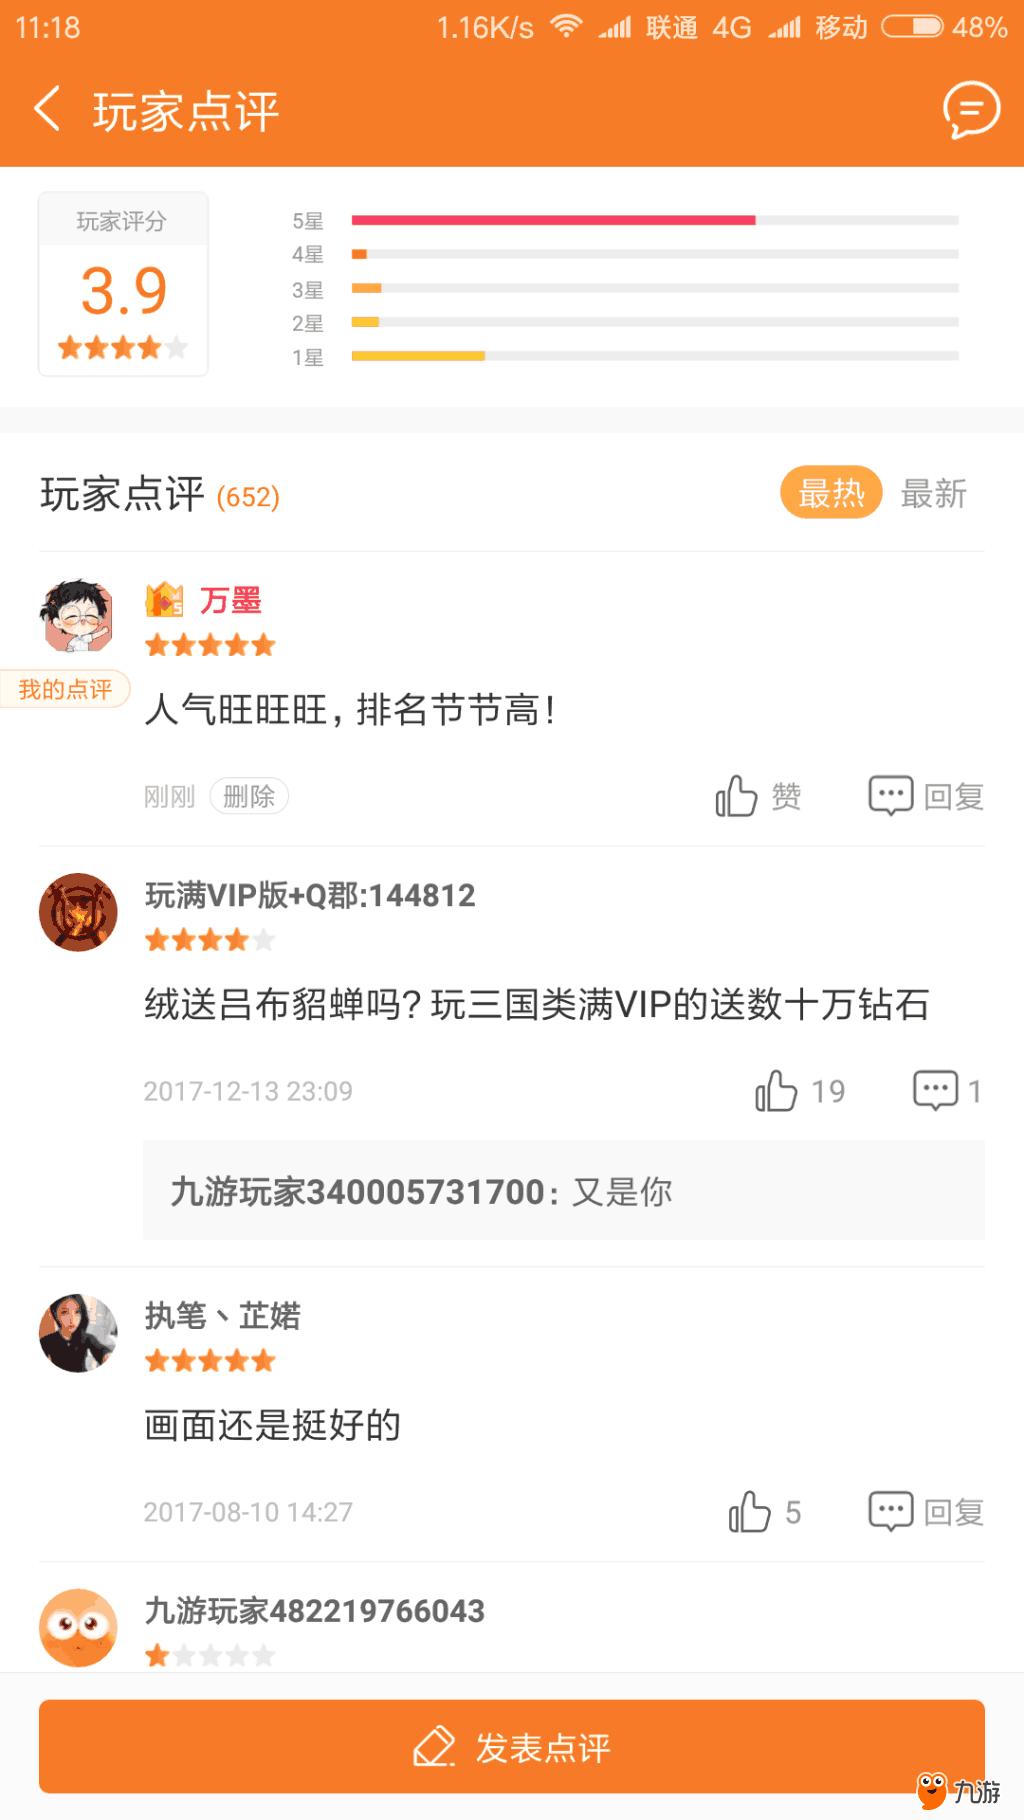 Screenshot_2018s01s14s11s18s31s974_cn.ninegame.ga.png